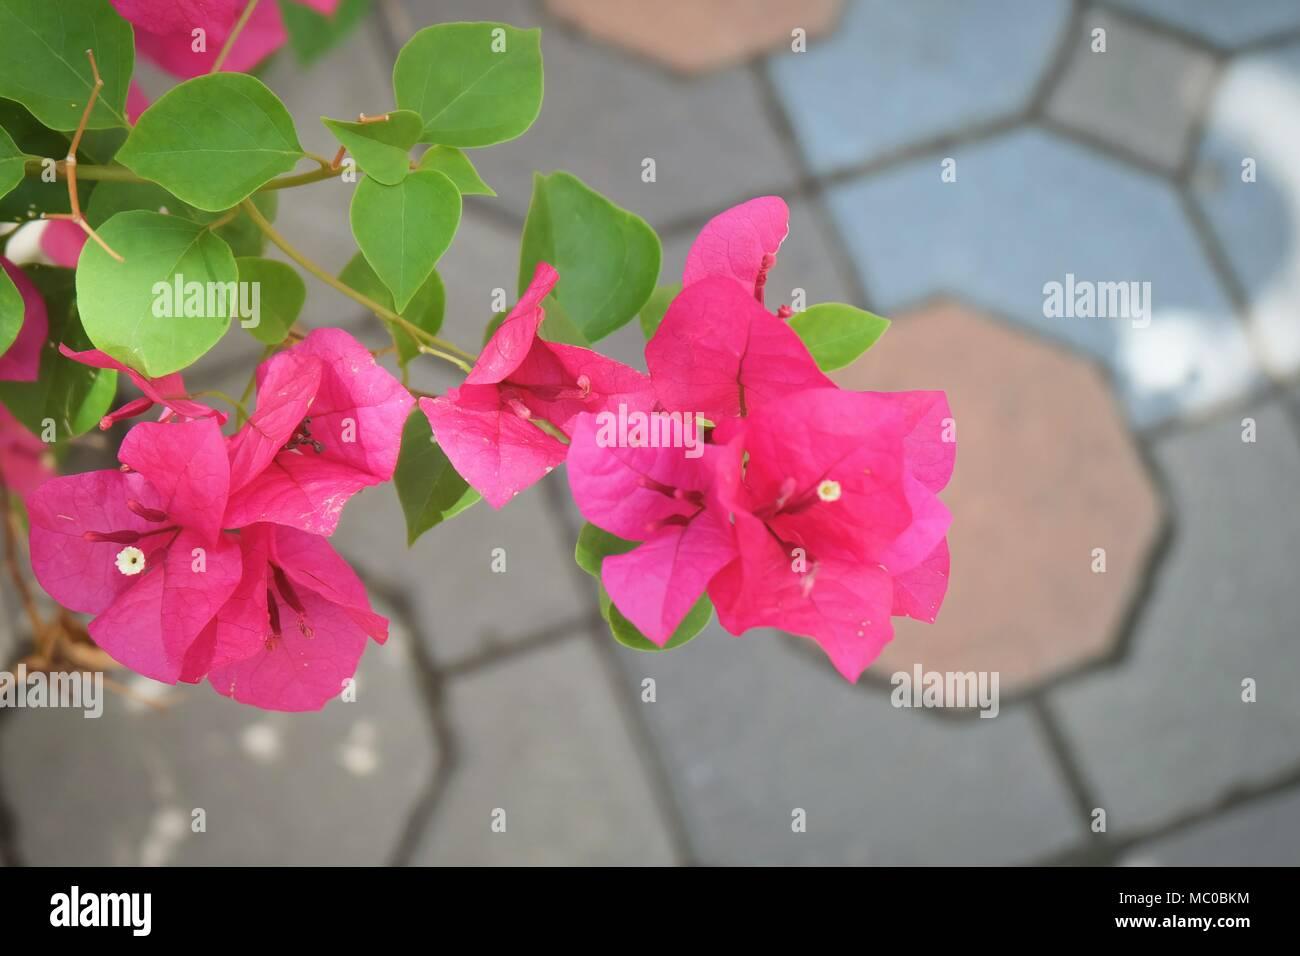 Beautiful Fresh Pink Bougainvillea Flowers Or Paper Flowers Blooming